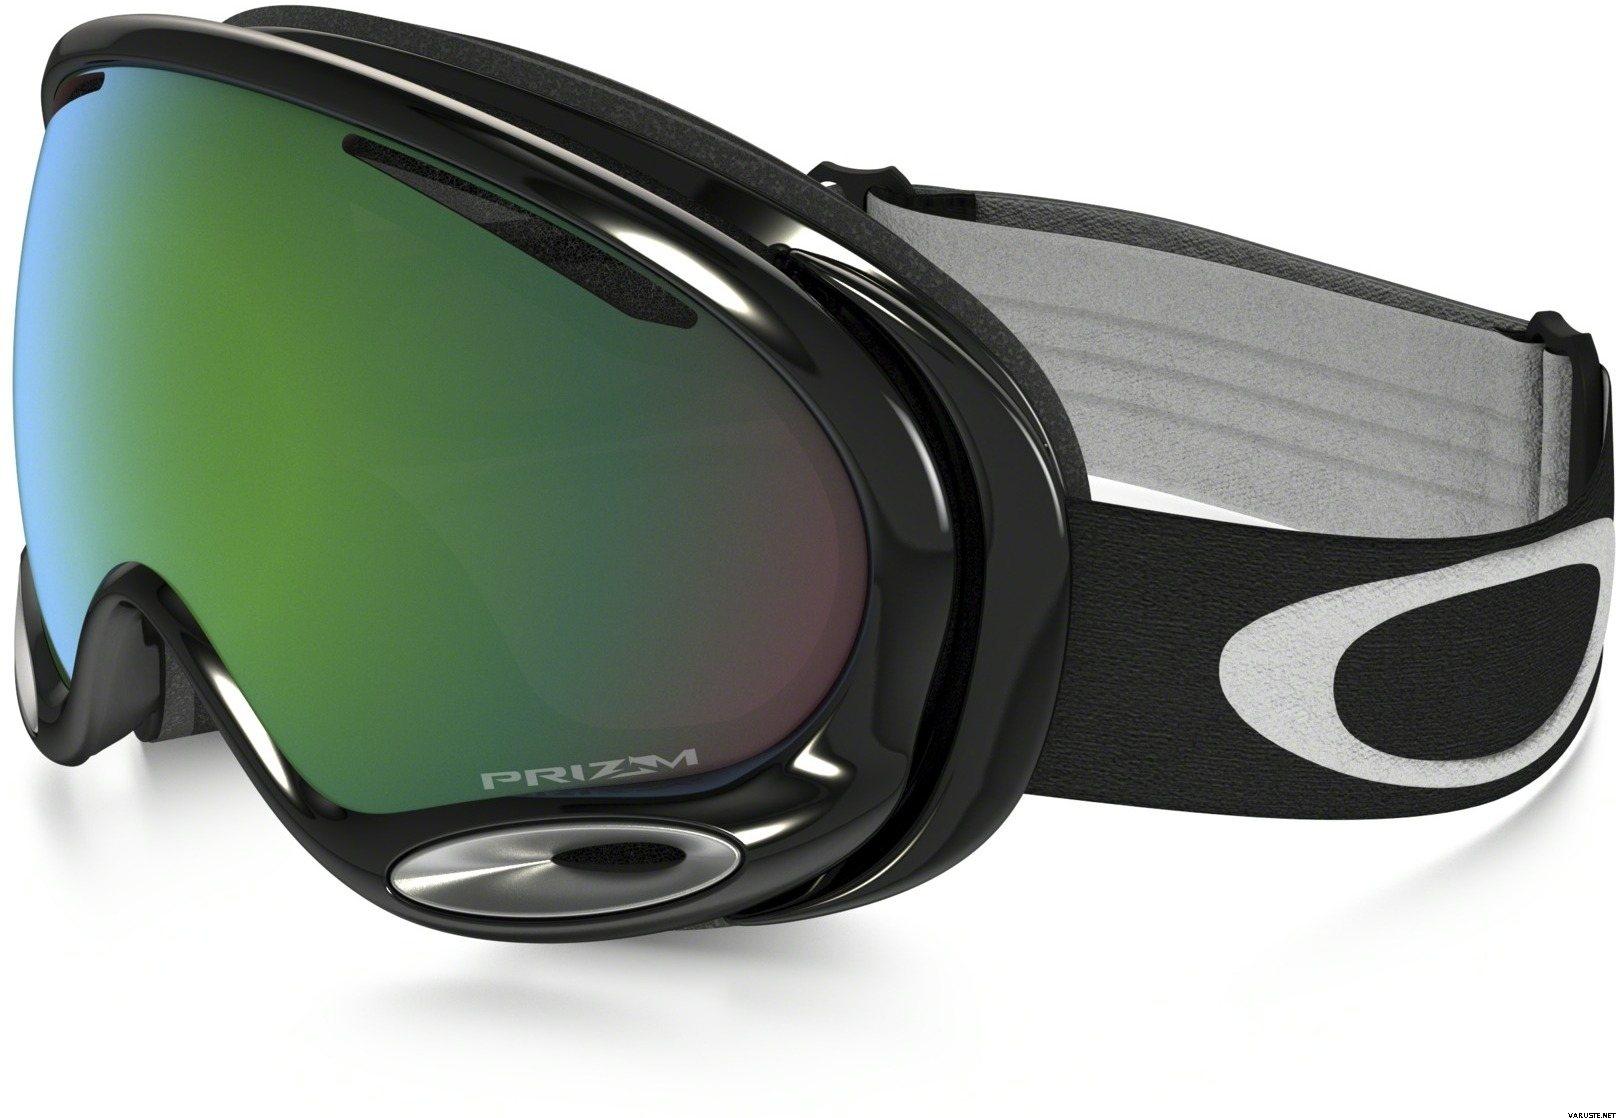 cc9b61f6d6d3 Oakley A-Frame 2.0 Jet Black w Prizm Jade Irid